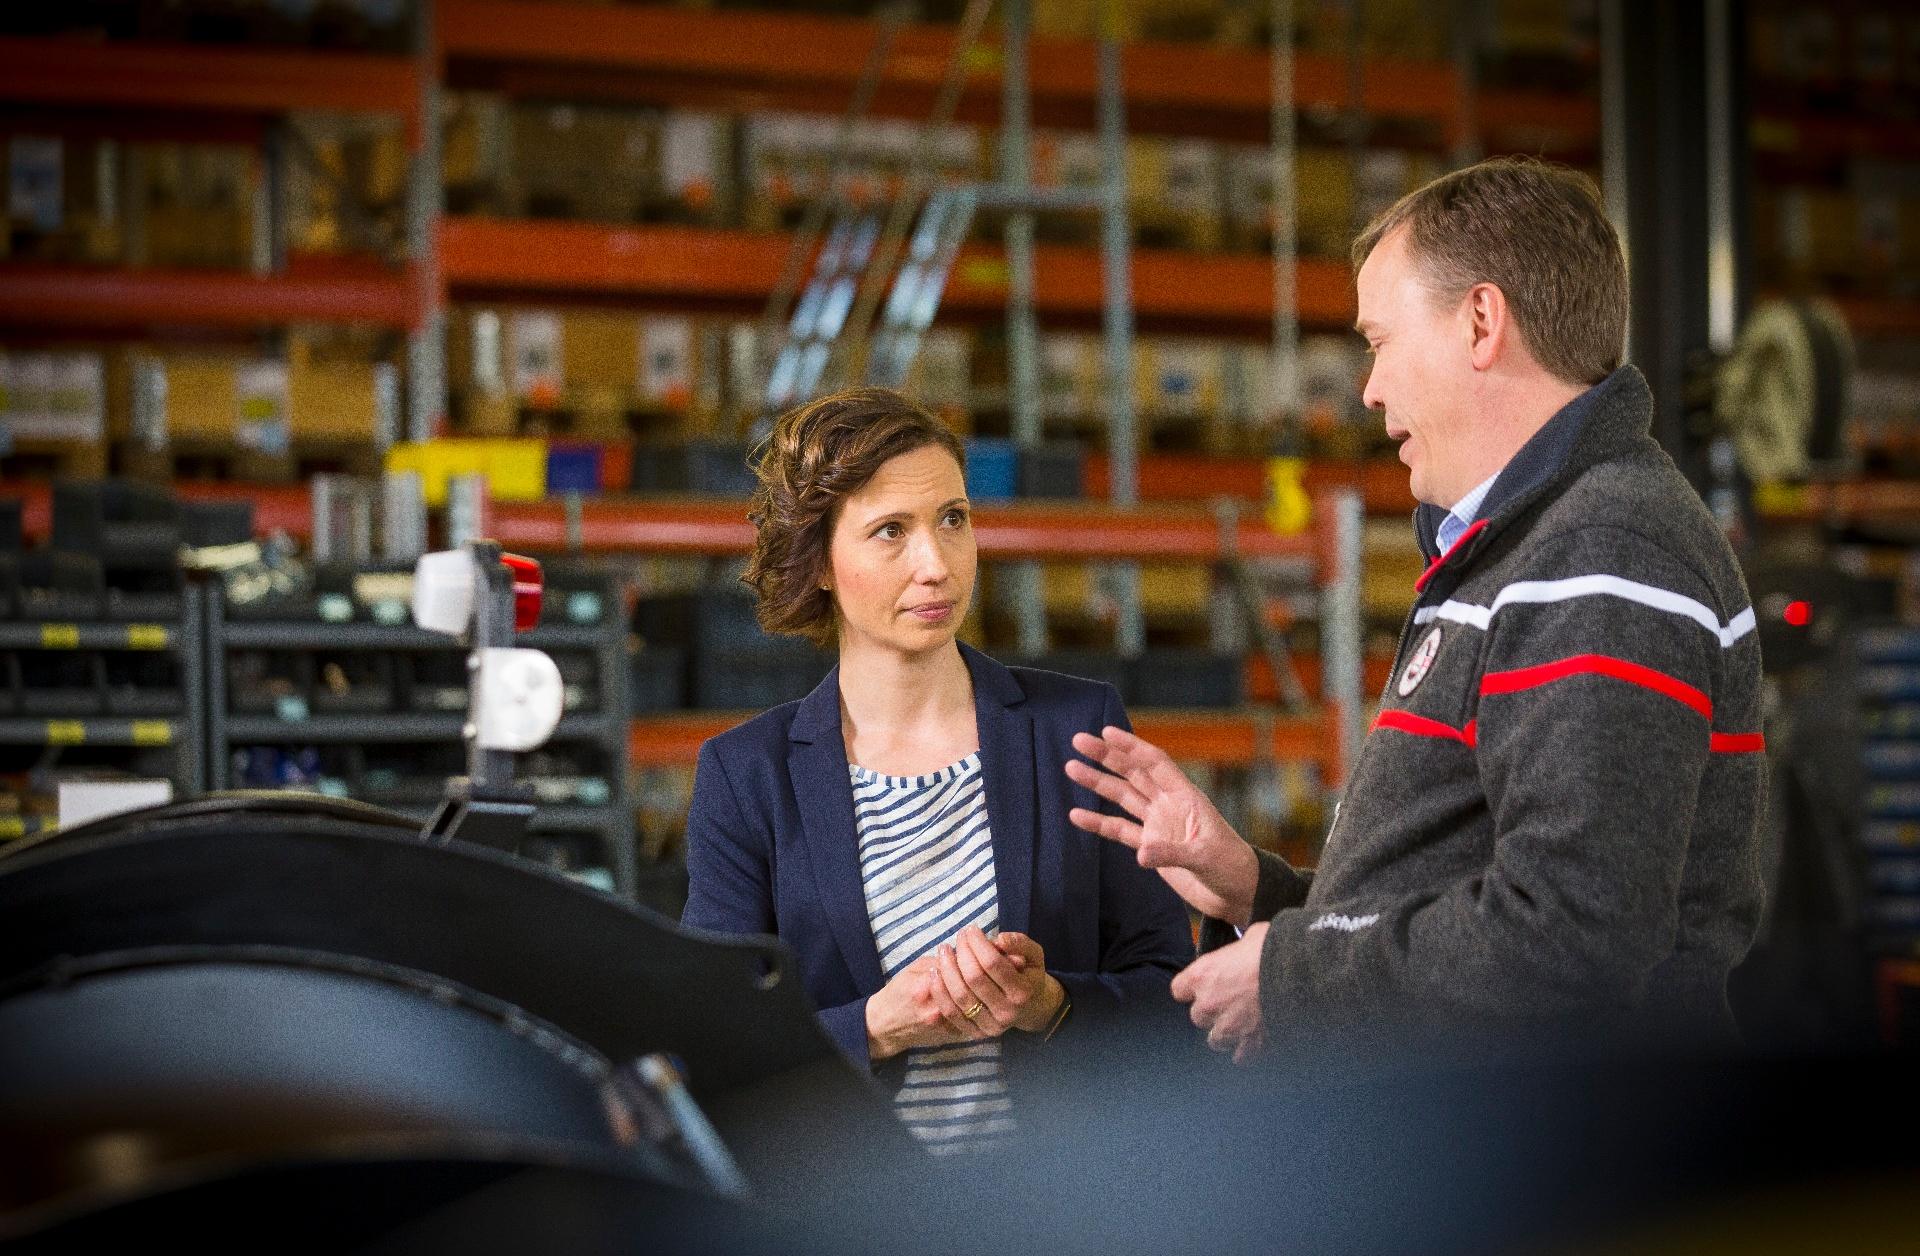 Nainen ja mies keskustelevat teollisuushallissa